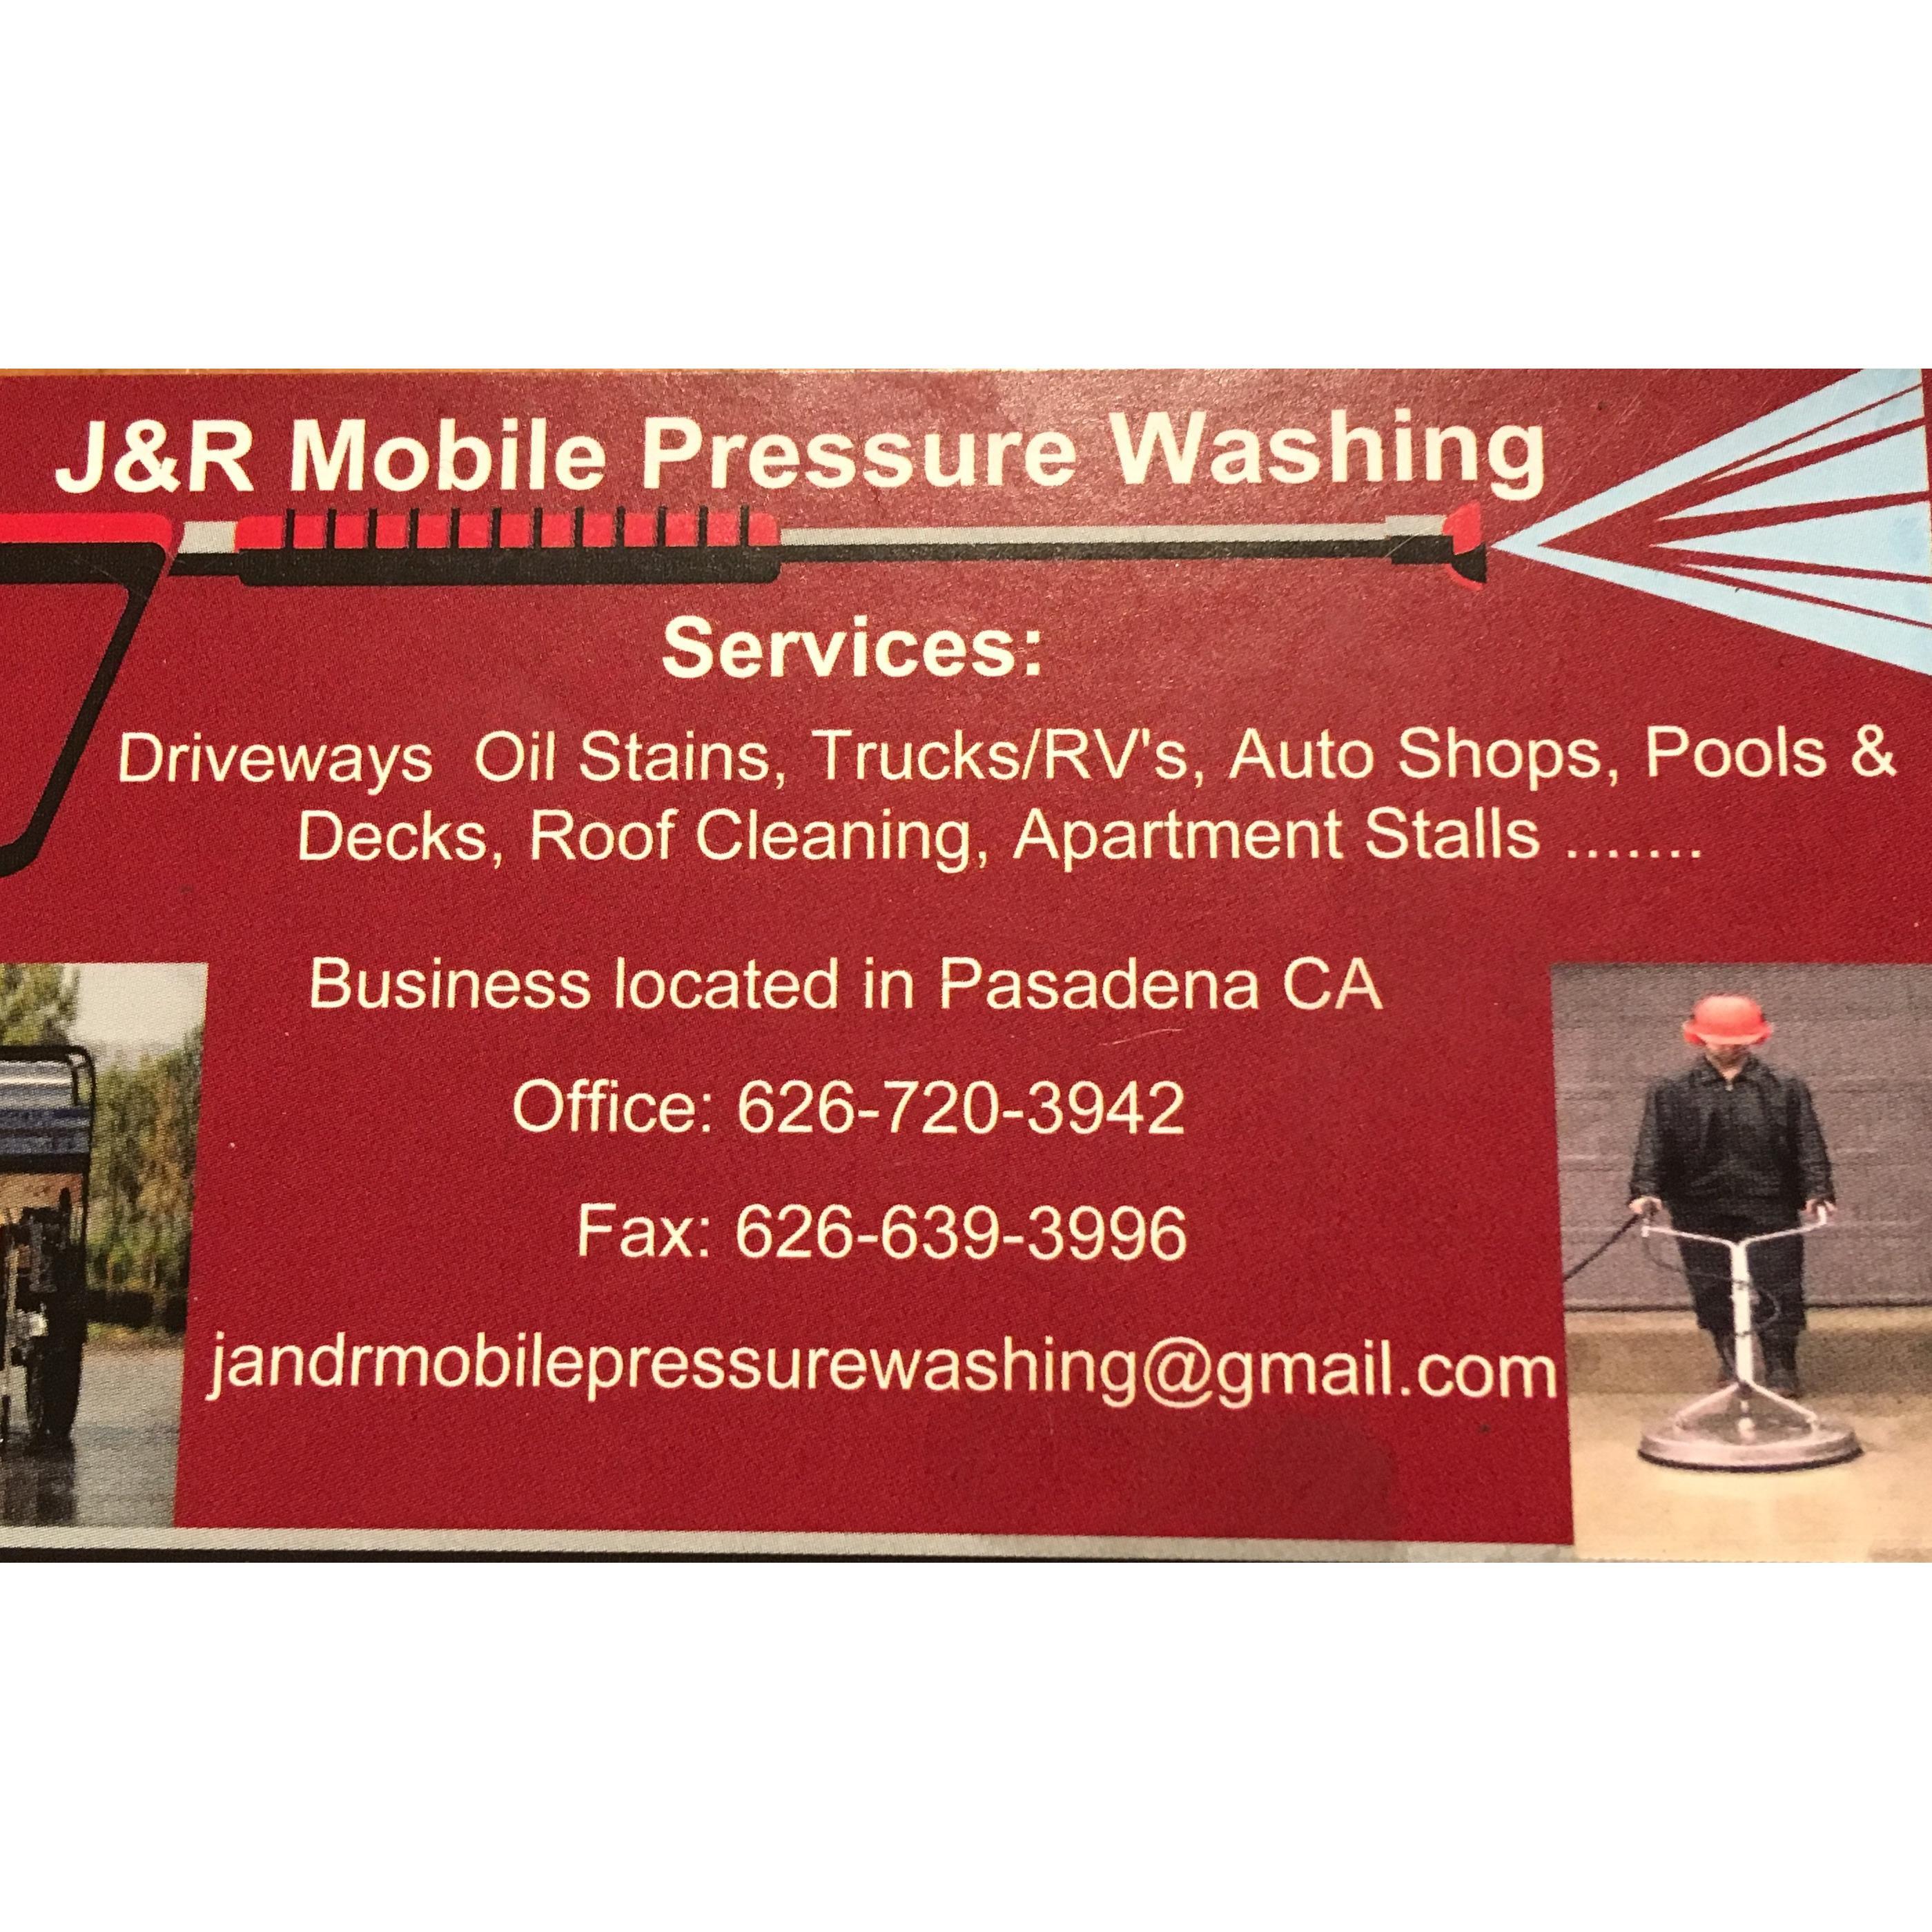 J & R Mobile Pressure Washing